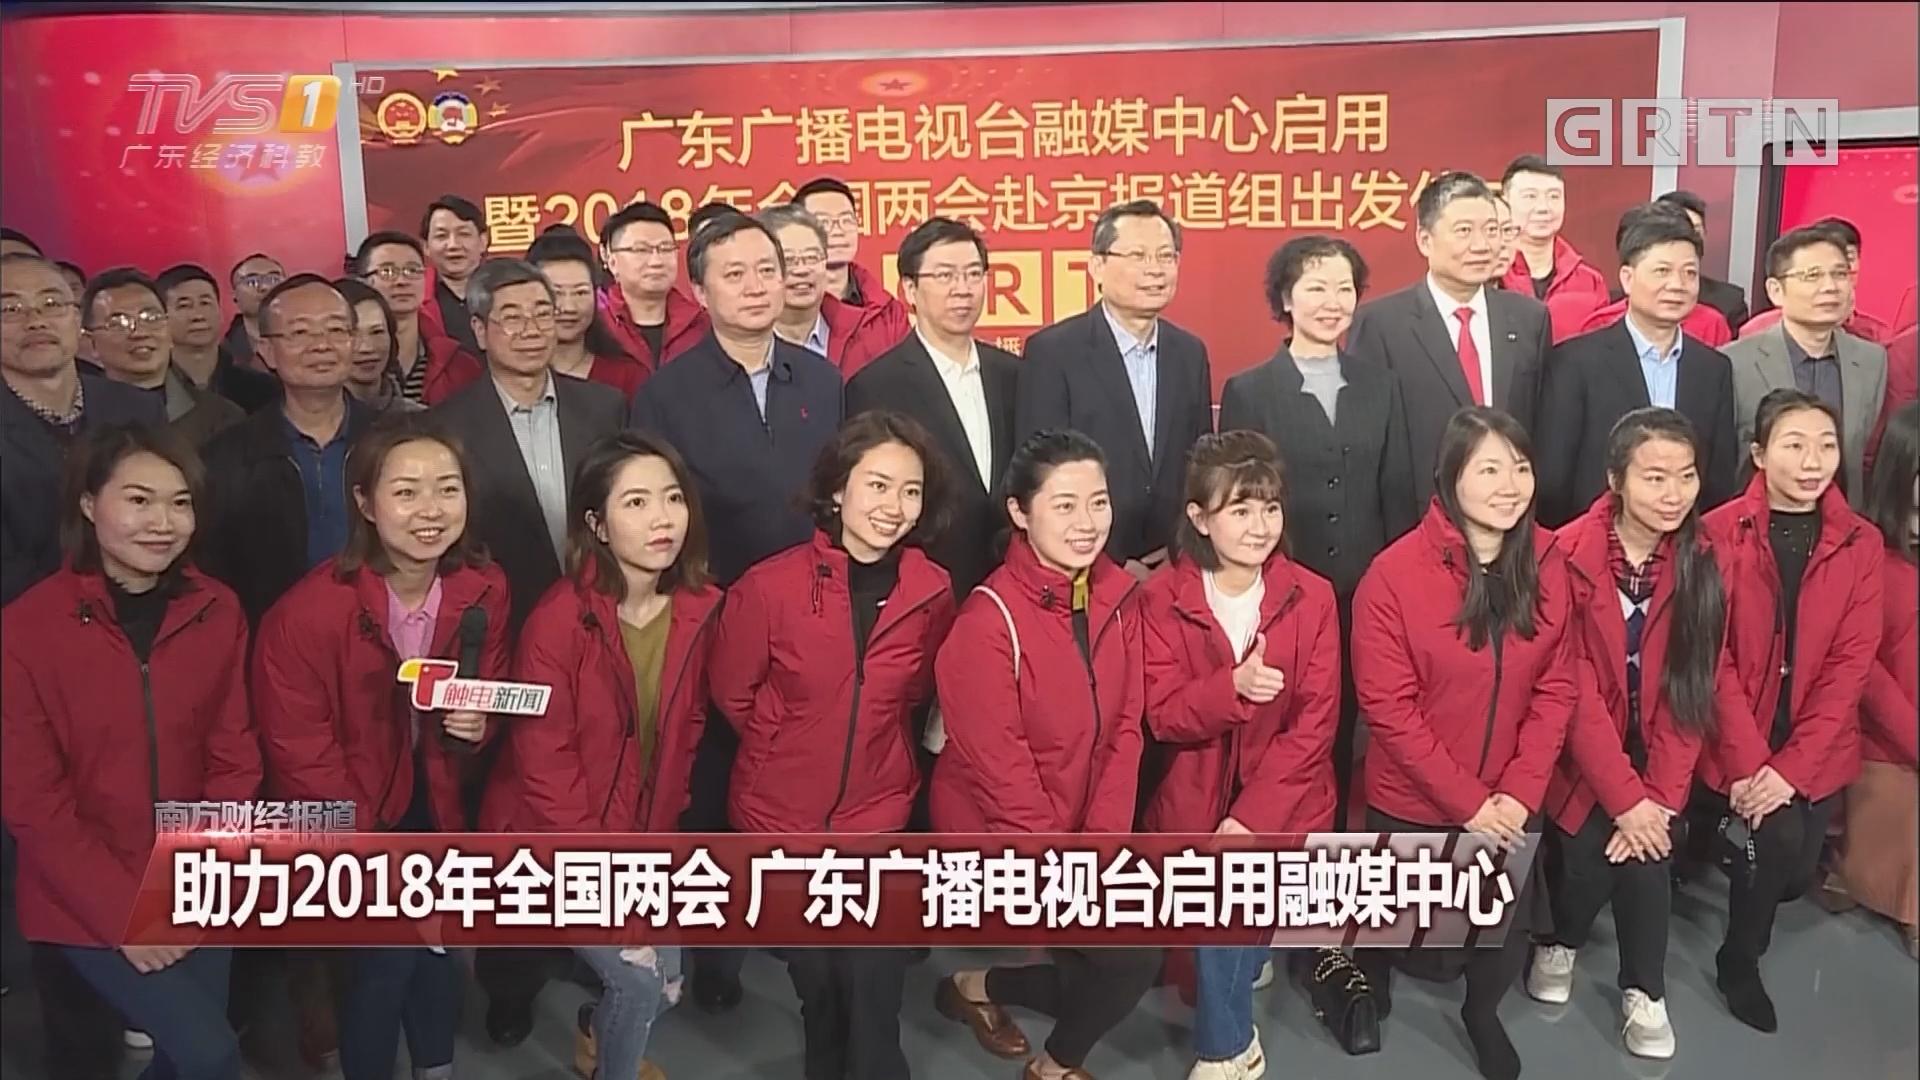 助力2018年全国两会 广东广播电视台启用融媒中心